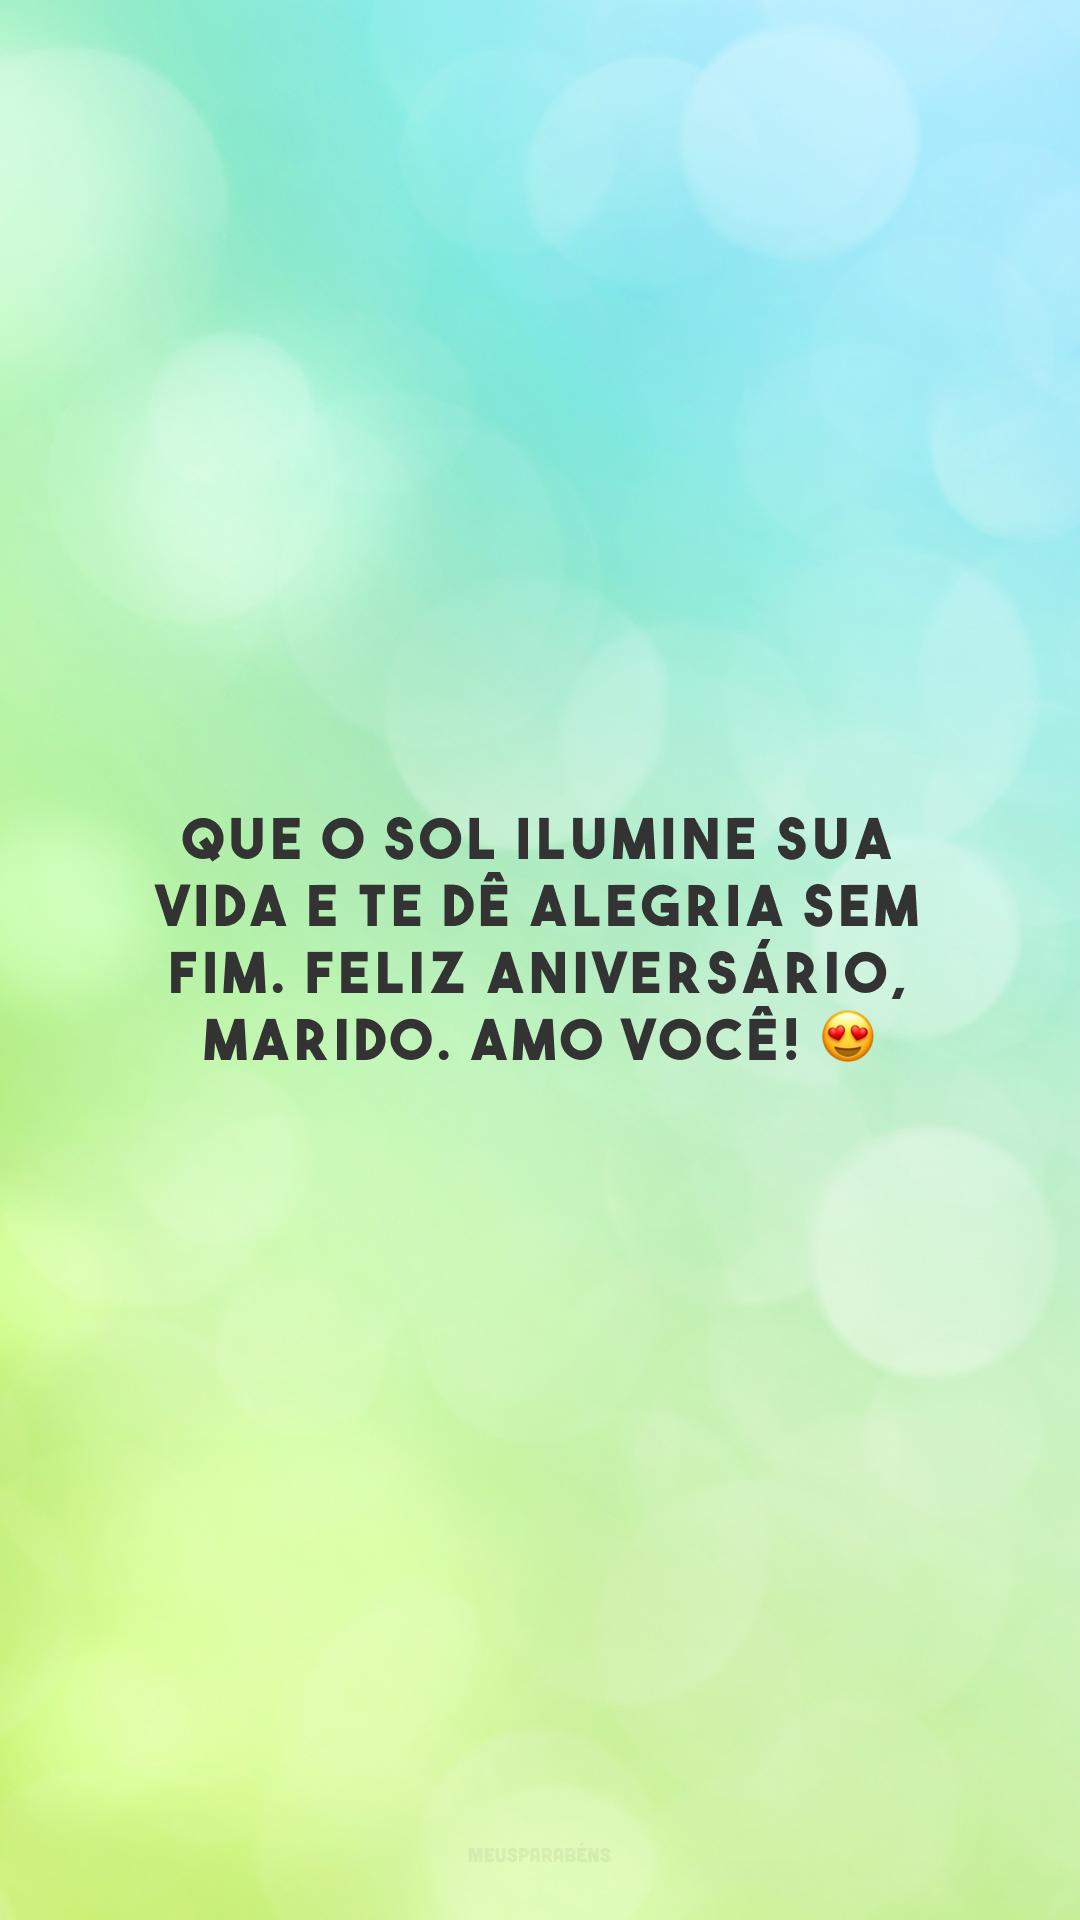 Que o sol ilumine sua vida e te dê alegria sem fim. Feliz aniversário, marido. Amo você! 😍